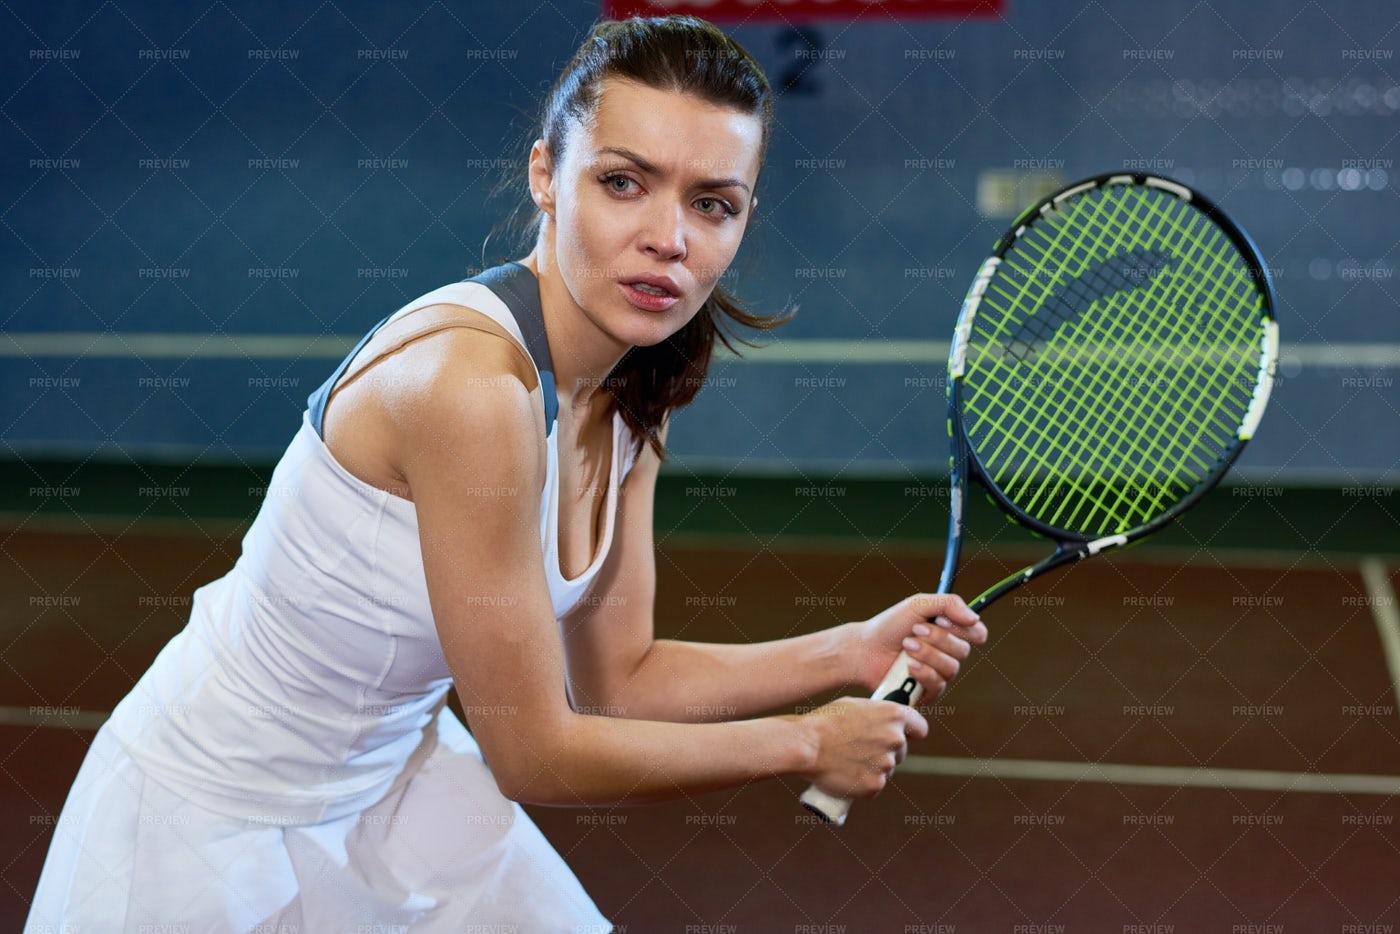 Fierce Tennis Player: Stock Photos